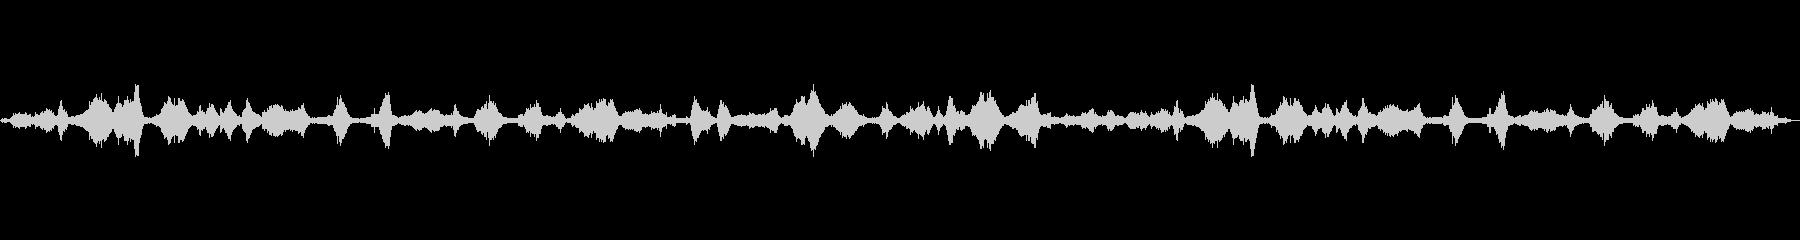 波の音~砂浜~癒しの波音【生録音】の未再生の波形